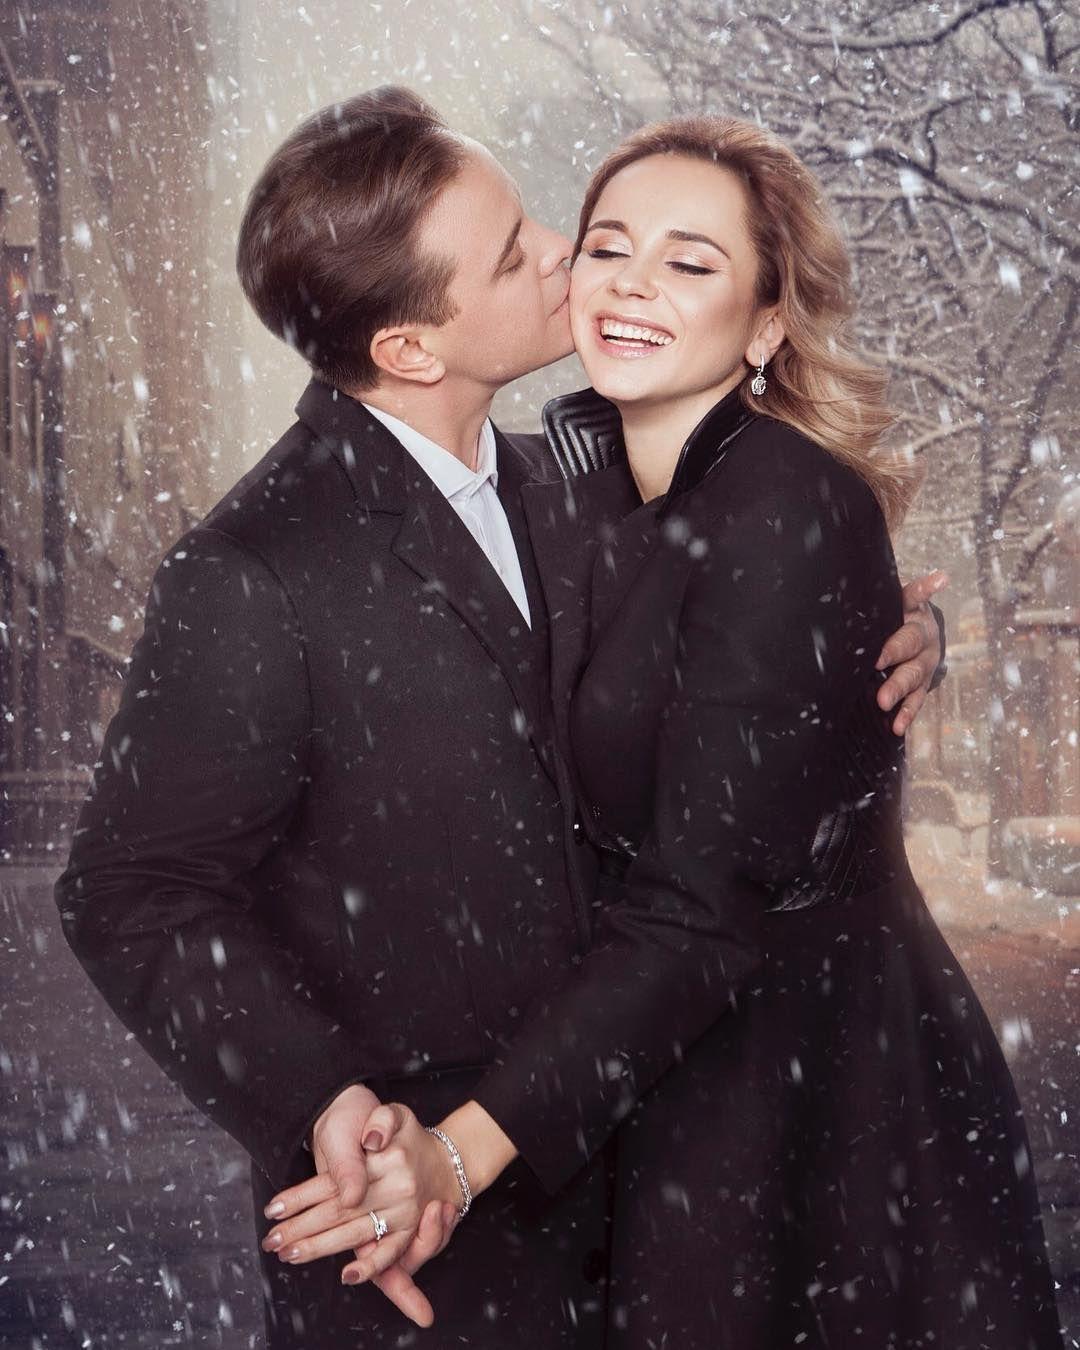 Как украинские звезды поздравили своих половинок и поклонников с Днем Валентина - фото 369148